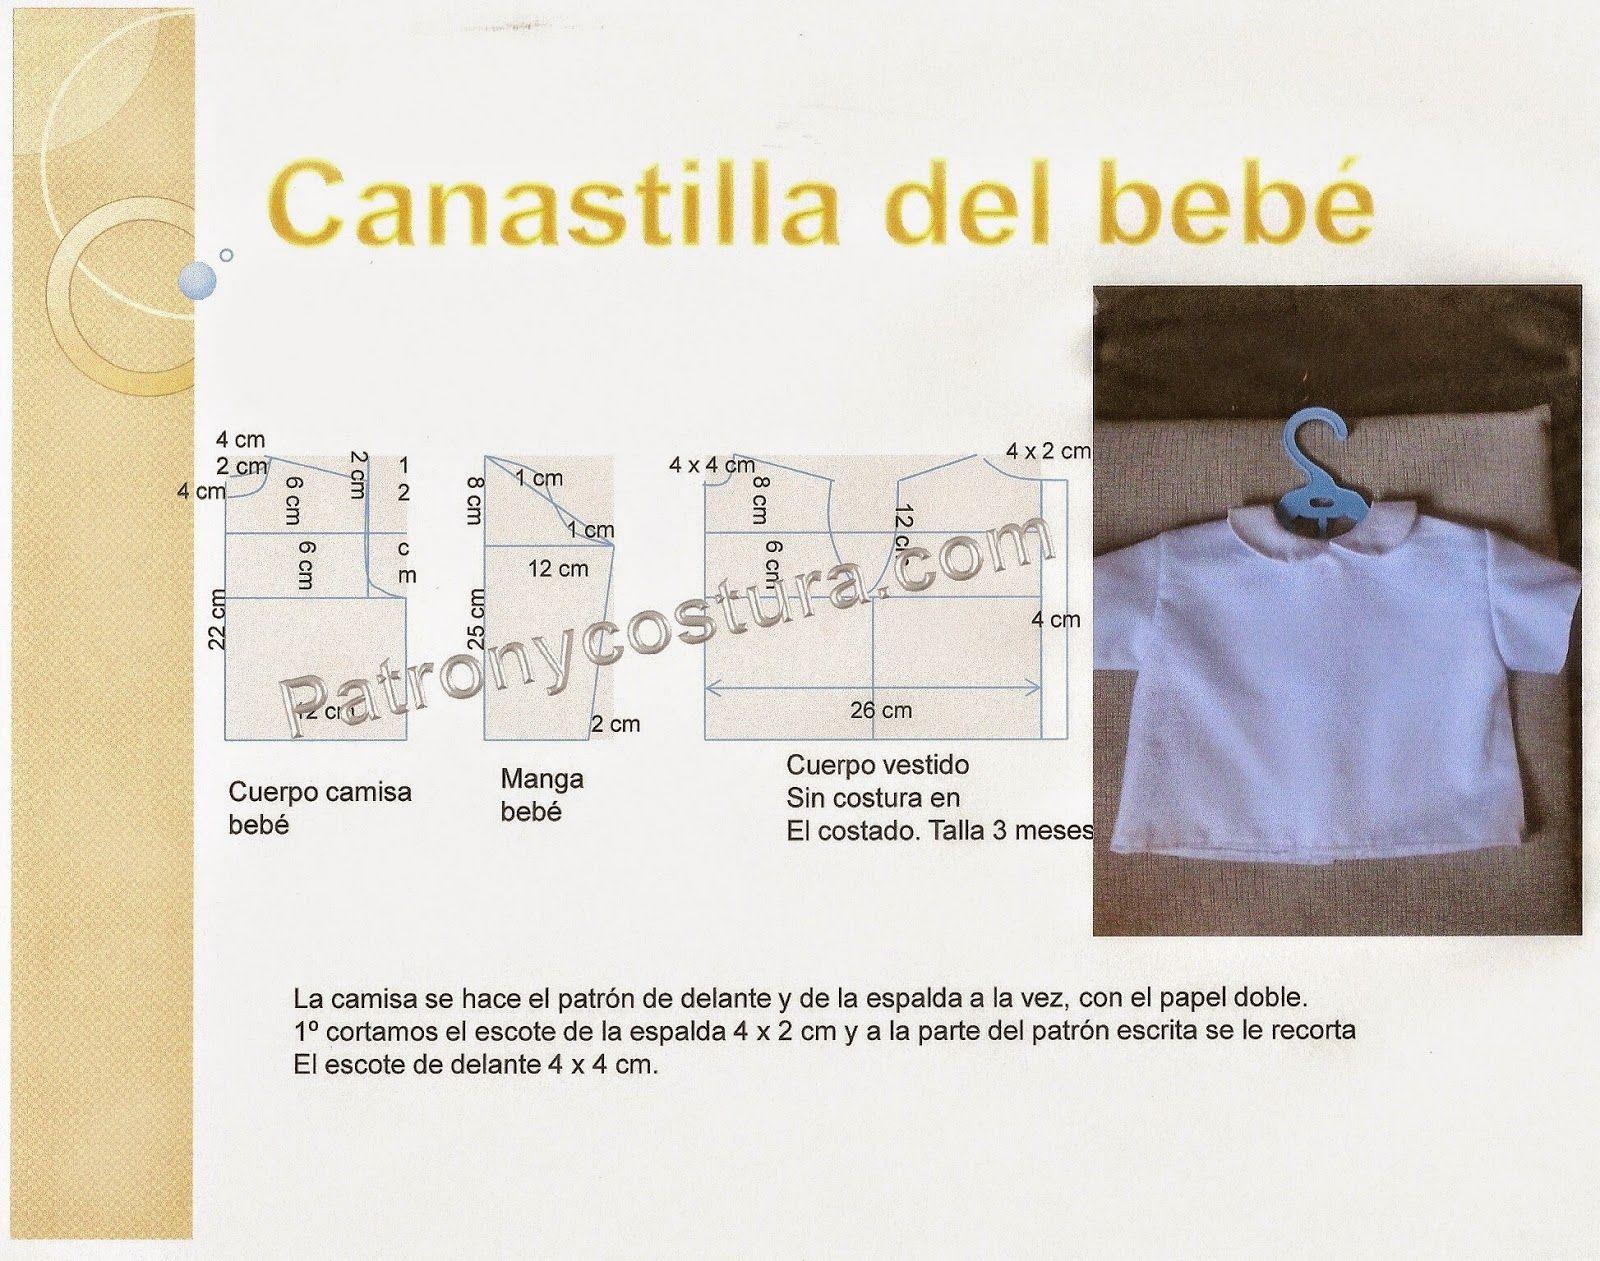 Excelente Patrones De Costura Canastilla Para Bebés Motivo - Manta ...